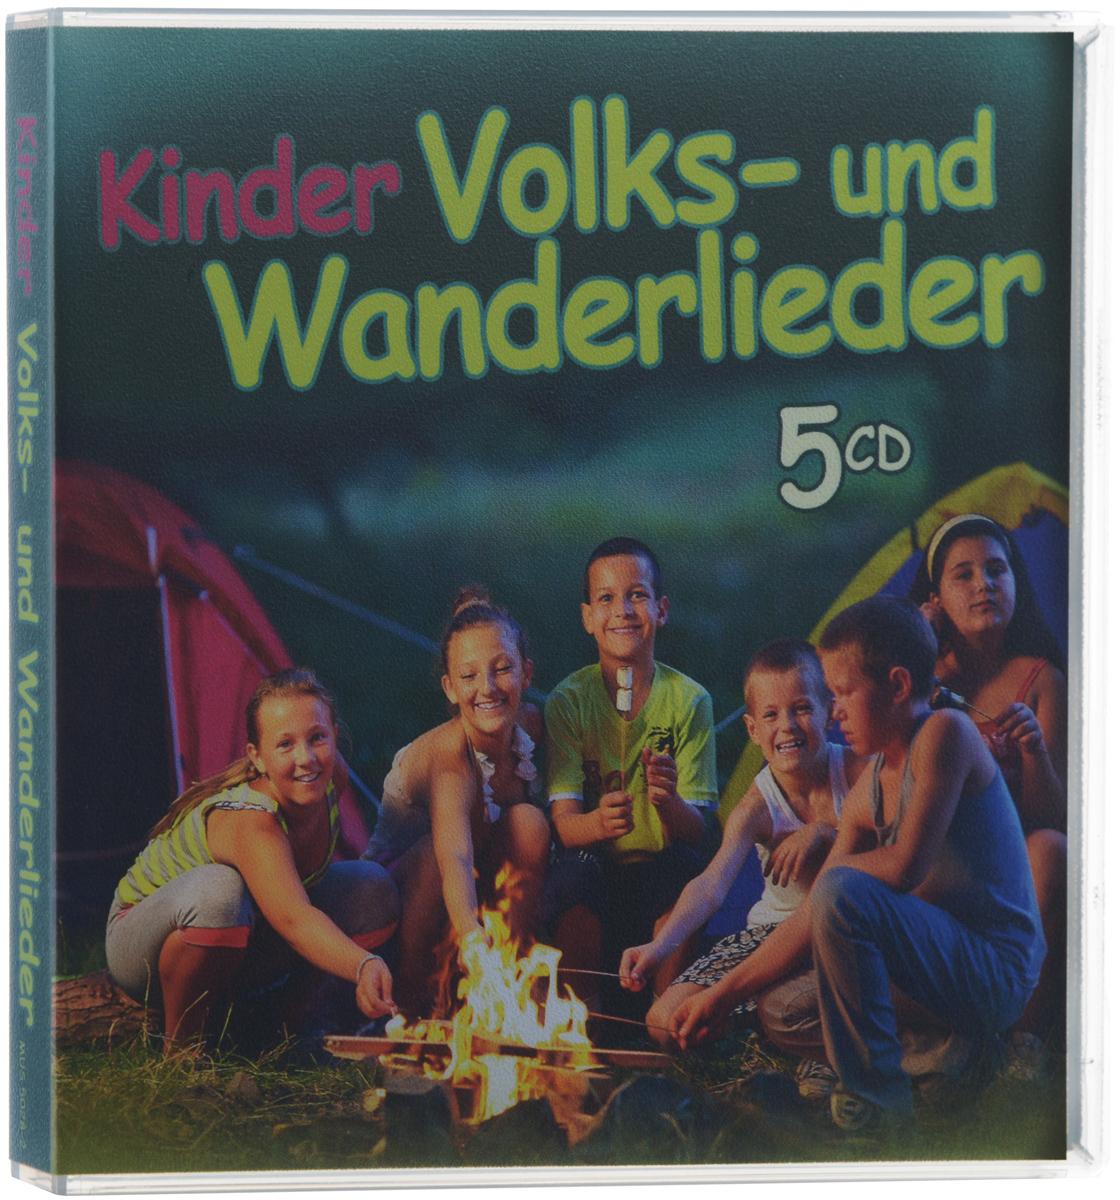 Kinder Volks- Und Wanderlieder (5 CD)